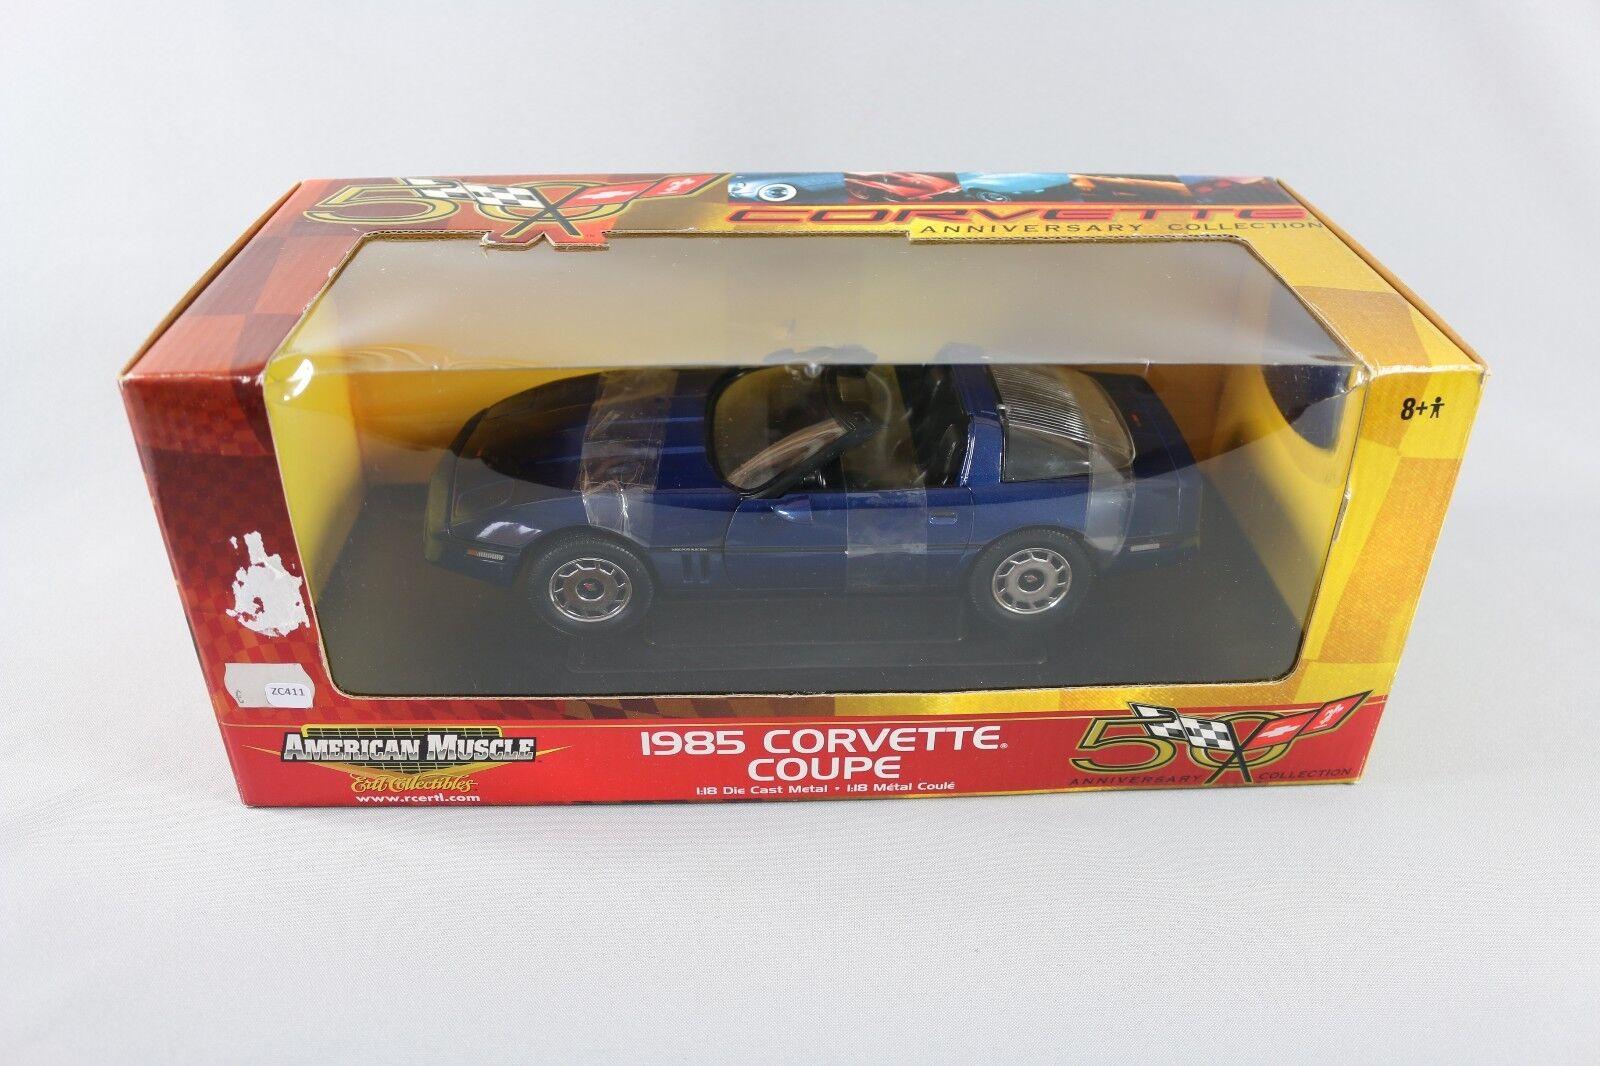 ZC411 Ertl RC2 33469 Voiture Miniature 1/18 Chevrolet Corvette Coupe 1985 Muscle